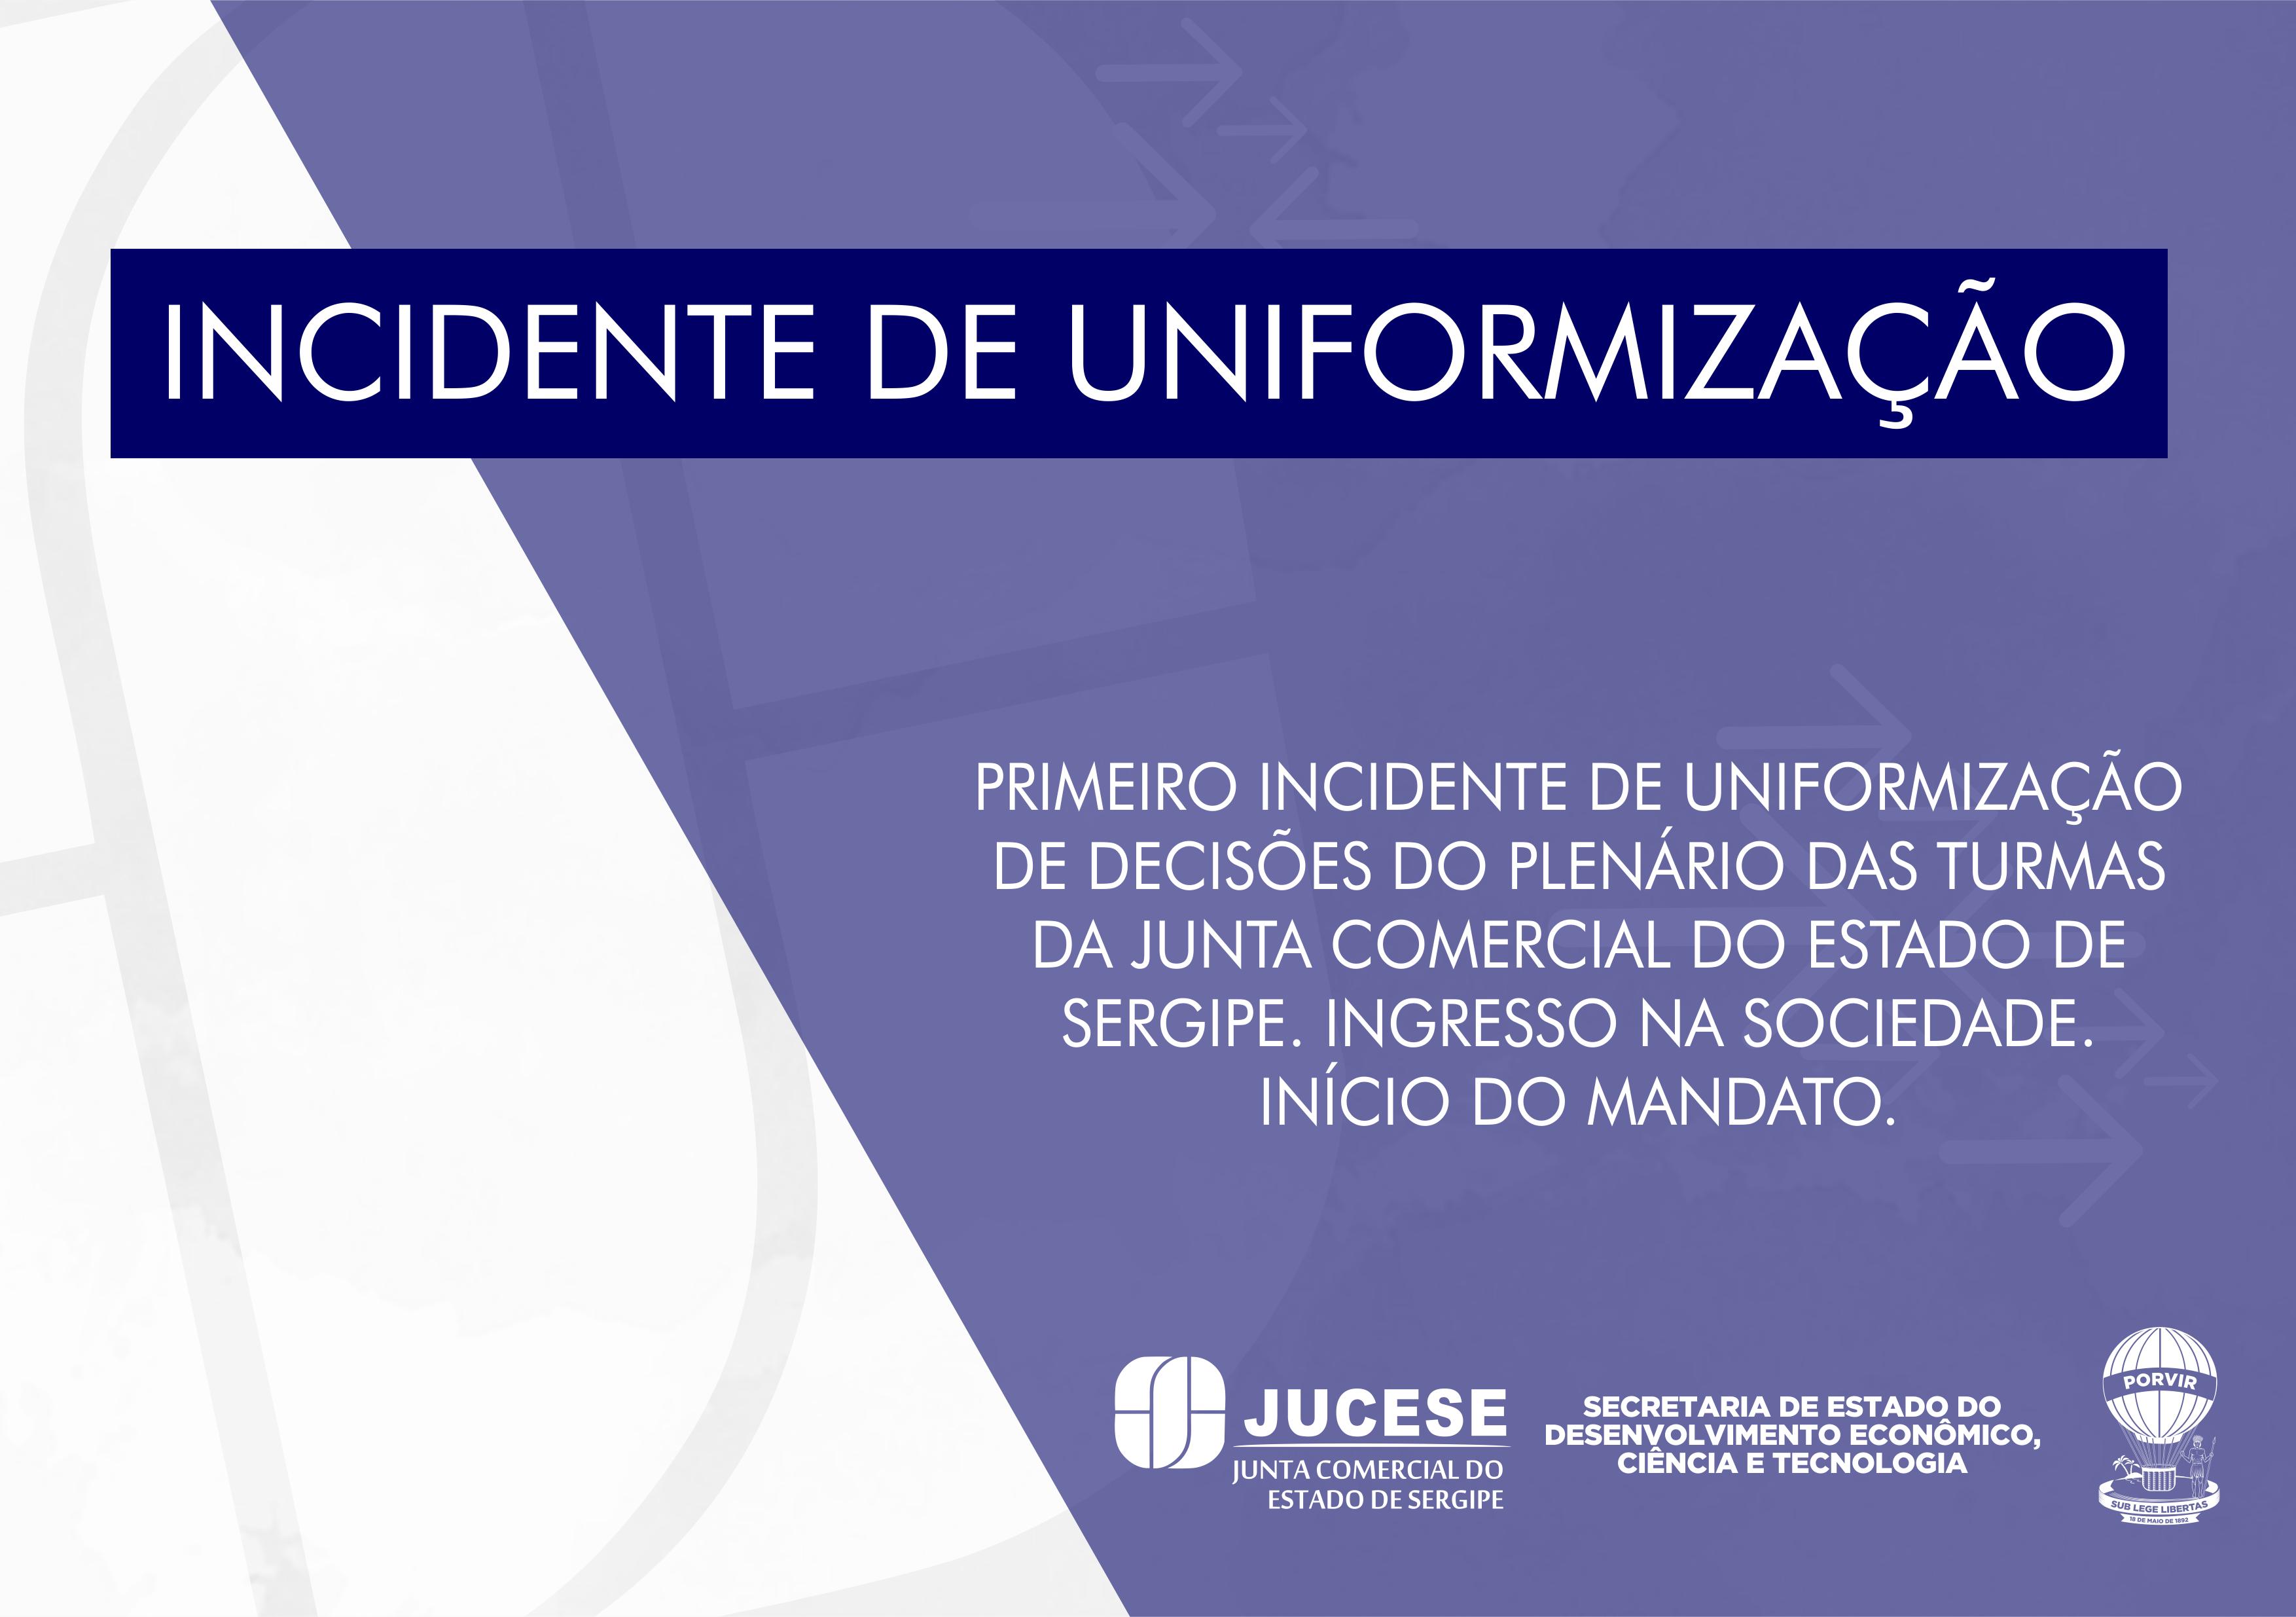 Primeiro Incidente de Uniformização de decisões do plenário das Turmas Jucese: Ingresso na sociedade; Início do mandato.